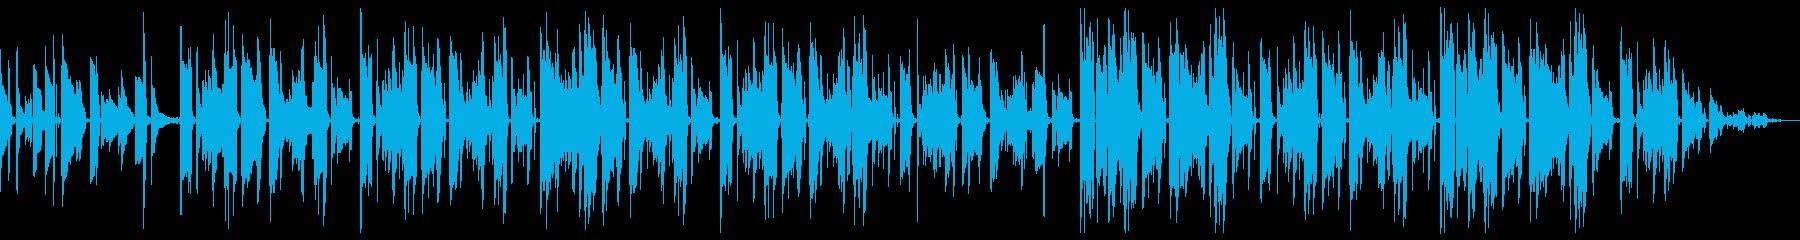 チルホップ ネオソウルギターとサックスの再生済みの波形